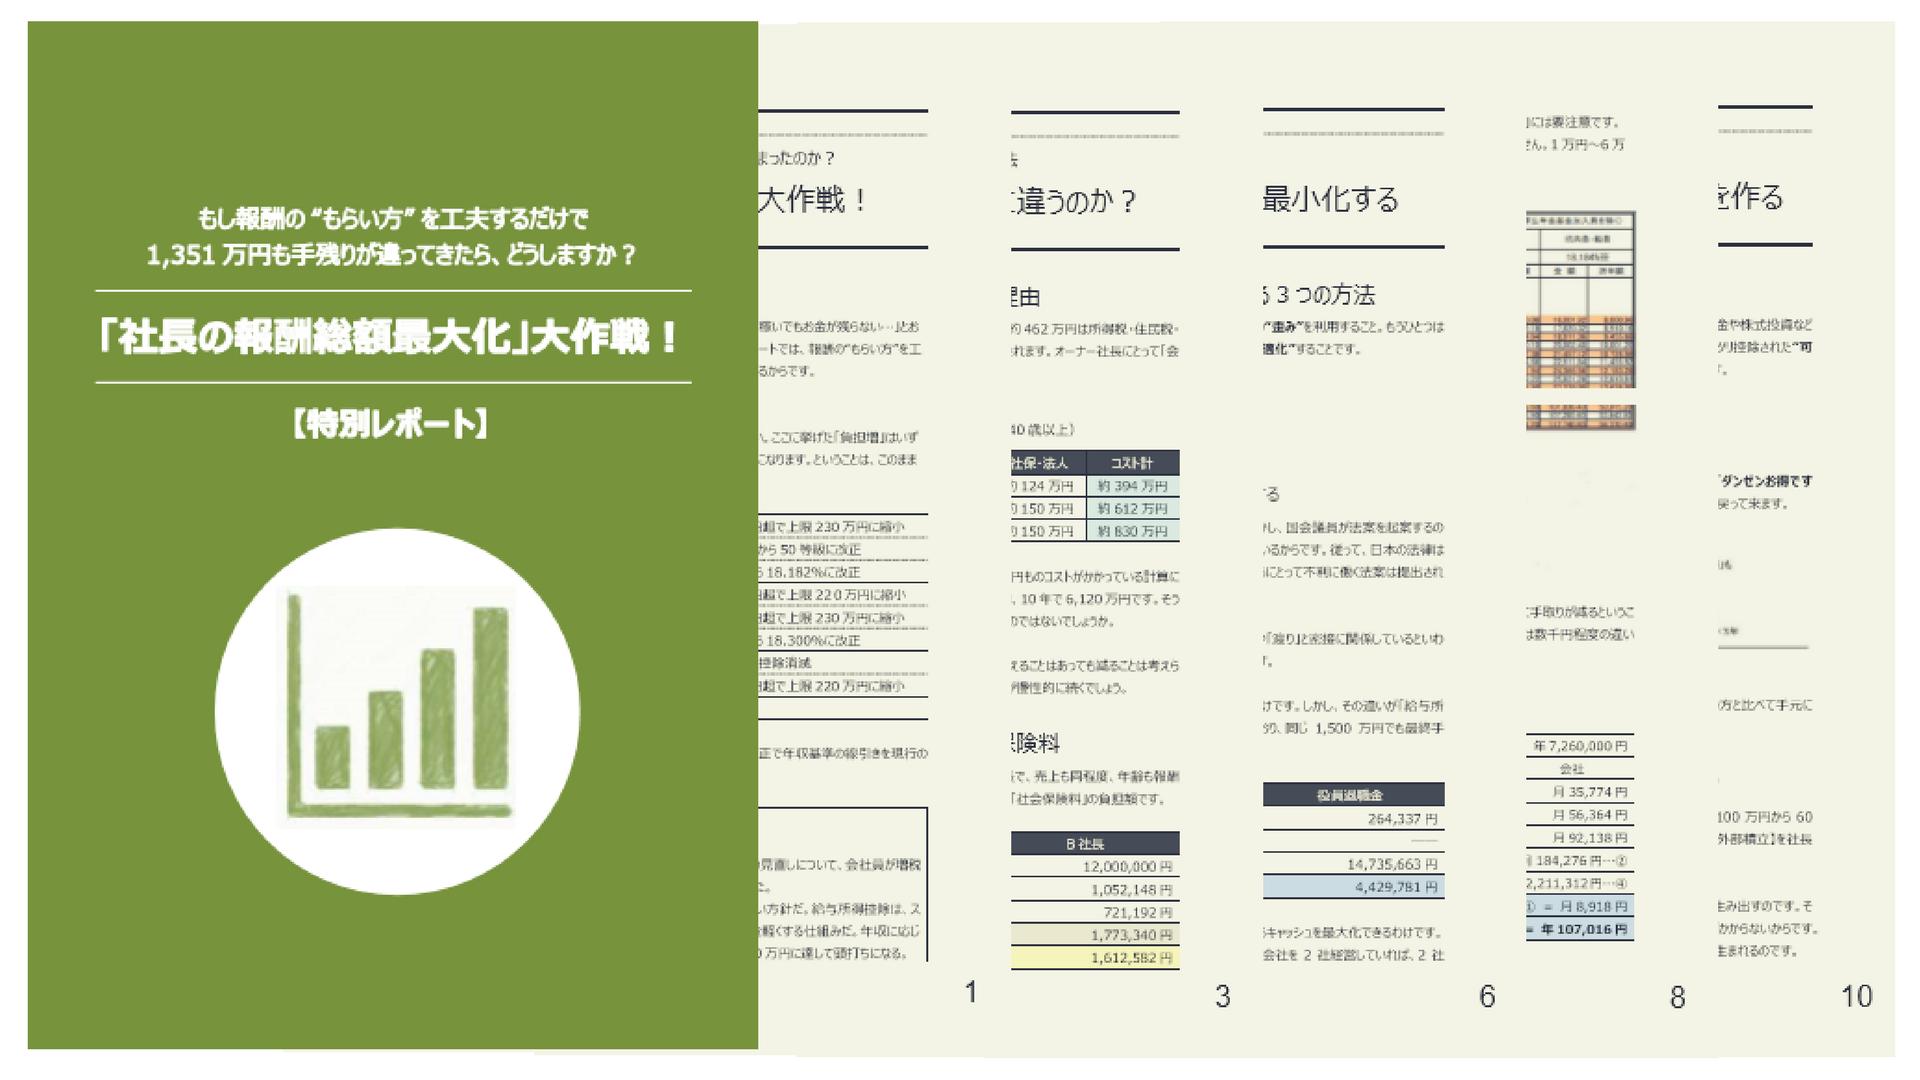 36倍売れる!小冊子の作り方①~バカ売れテーマの決め方とタイトル14パターン